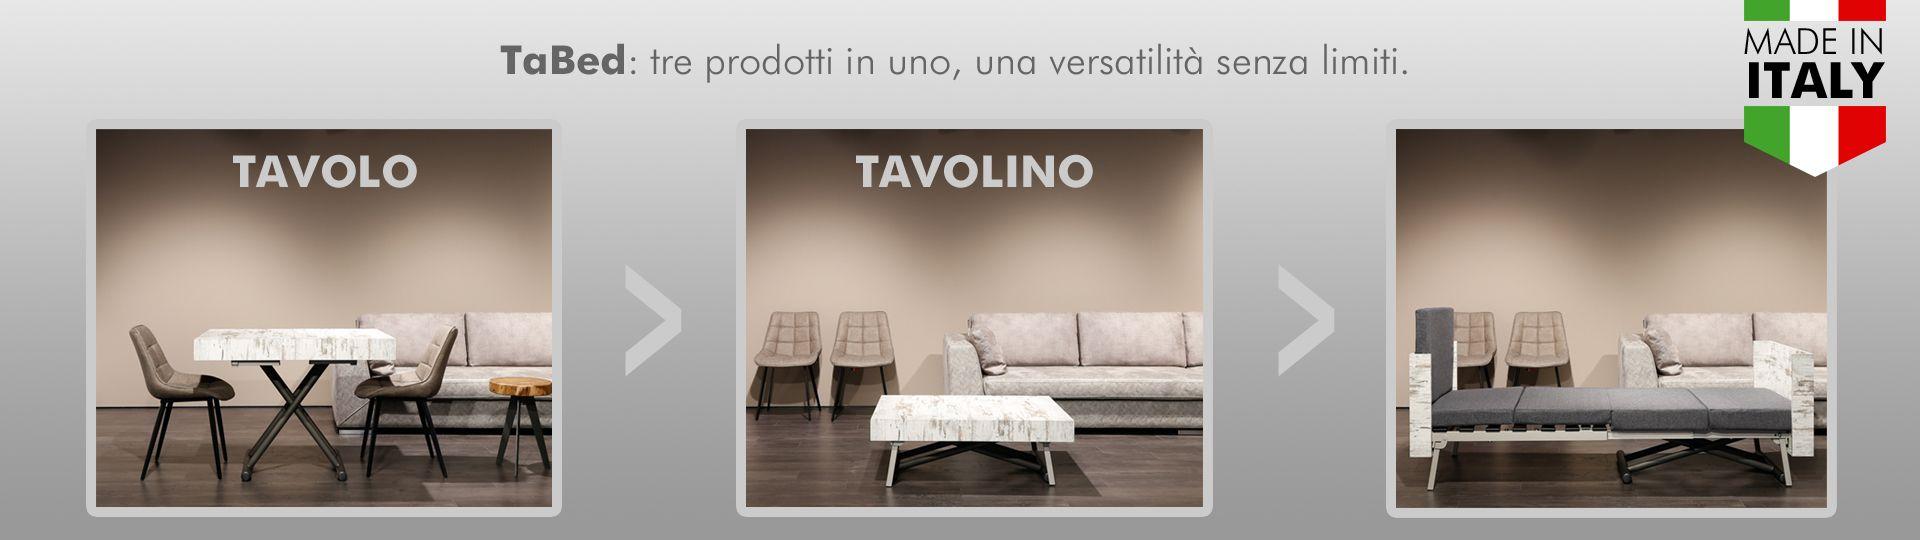 Tavolo TABED